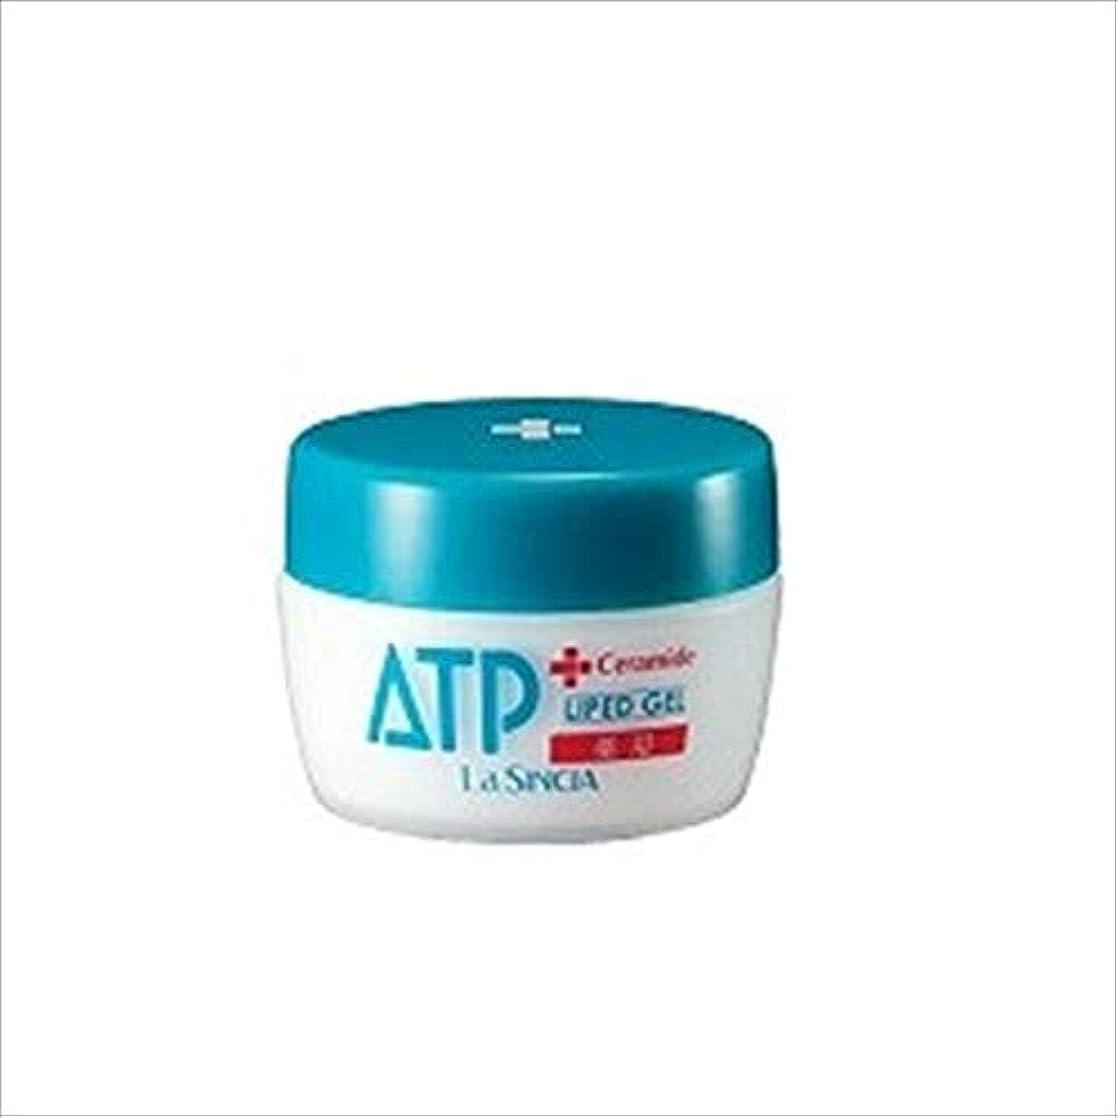 安定したわかるスポークスマンラ?シンシア 薬用ATP リピッドゲル 30g (全身?頭皮?頭髪用保湿ゲルクリーム)